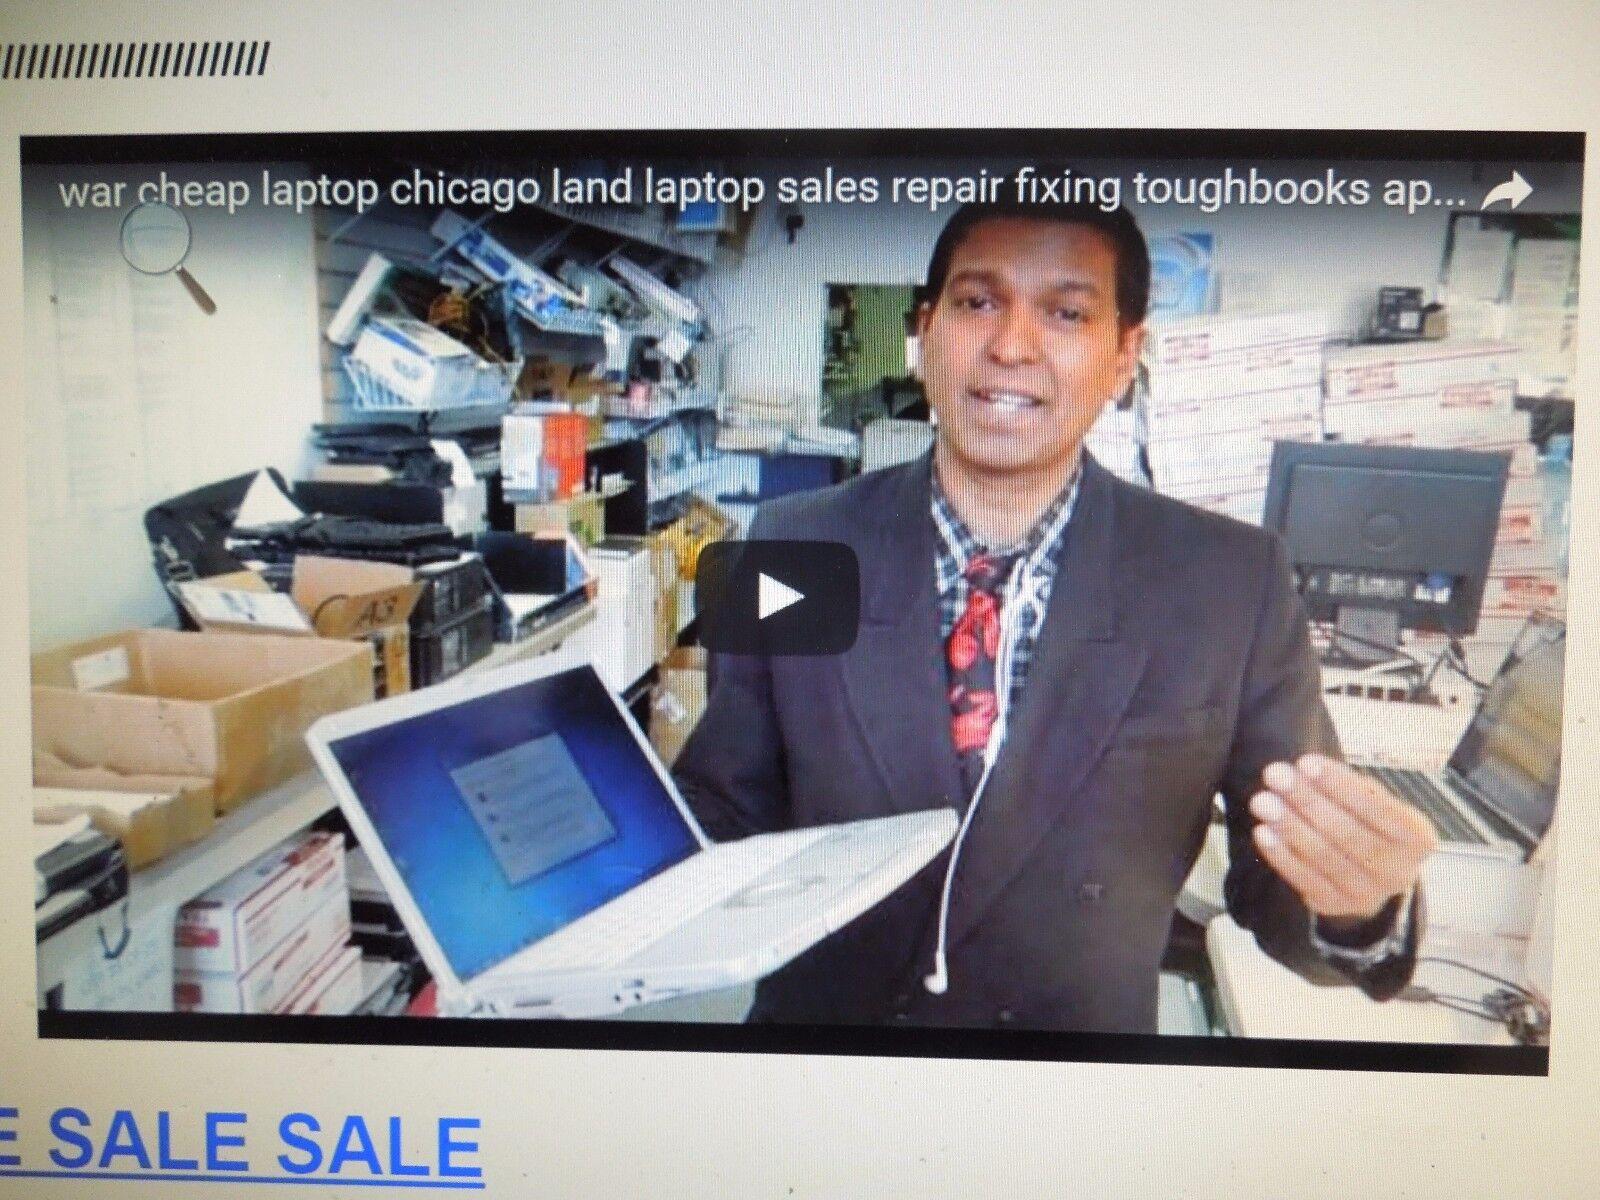 """16G/1000g(1TB) hybrid/Apple MacBook Pro A1278/13"""" war cheap Laptop/MD101LL/A"""